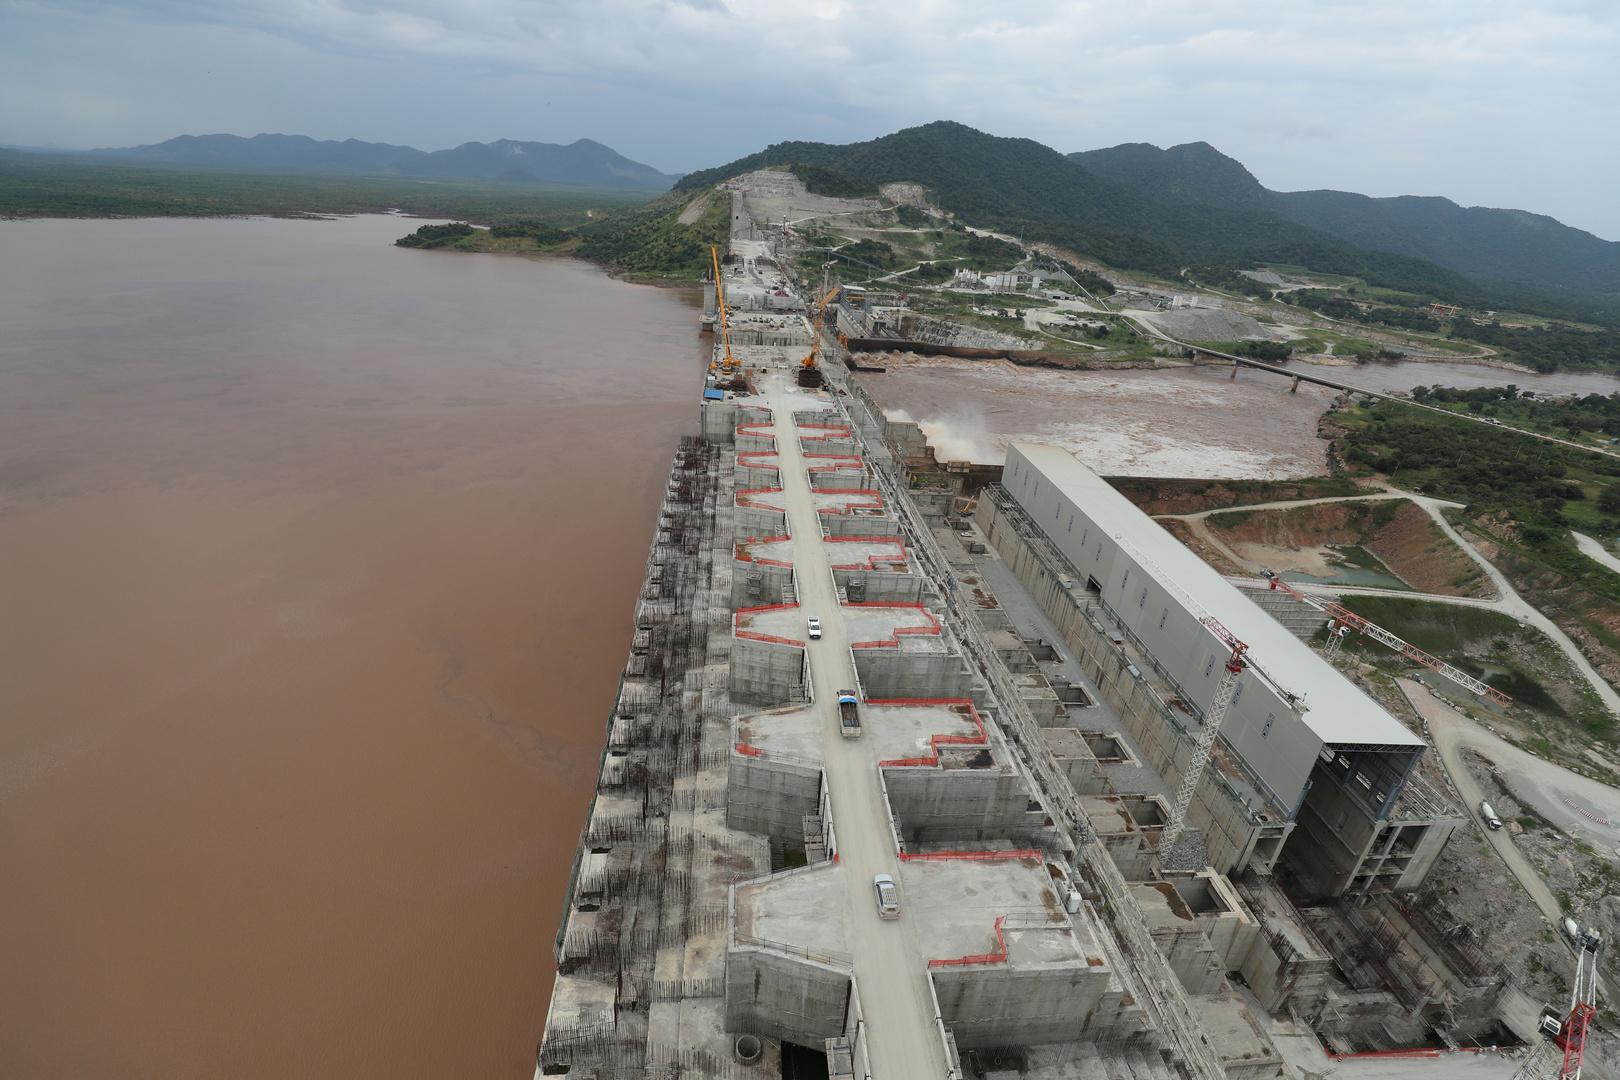 إثيوبيا: اقتراح إشراك اللجنة الرباعية هو خدعة لإطالة أمد ملء السد وتقويض حقوقنا